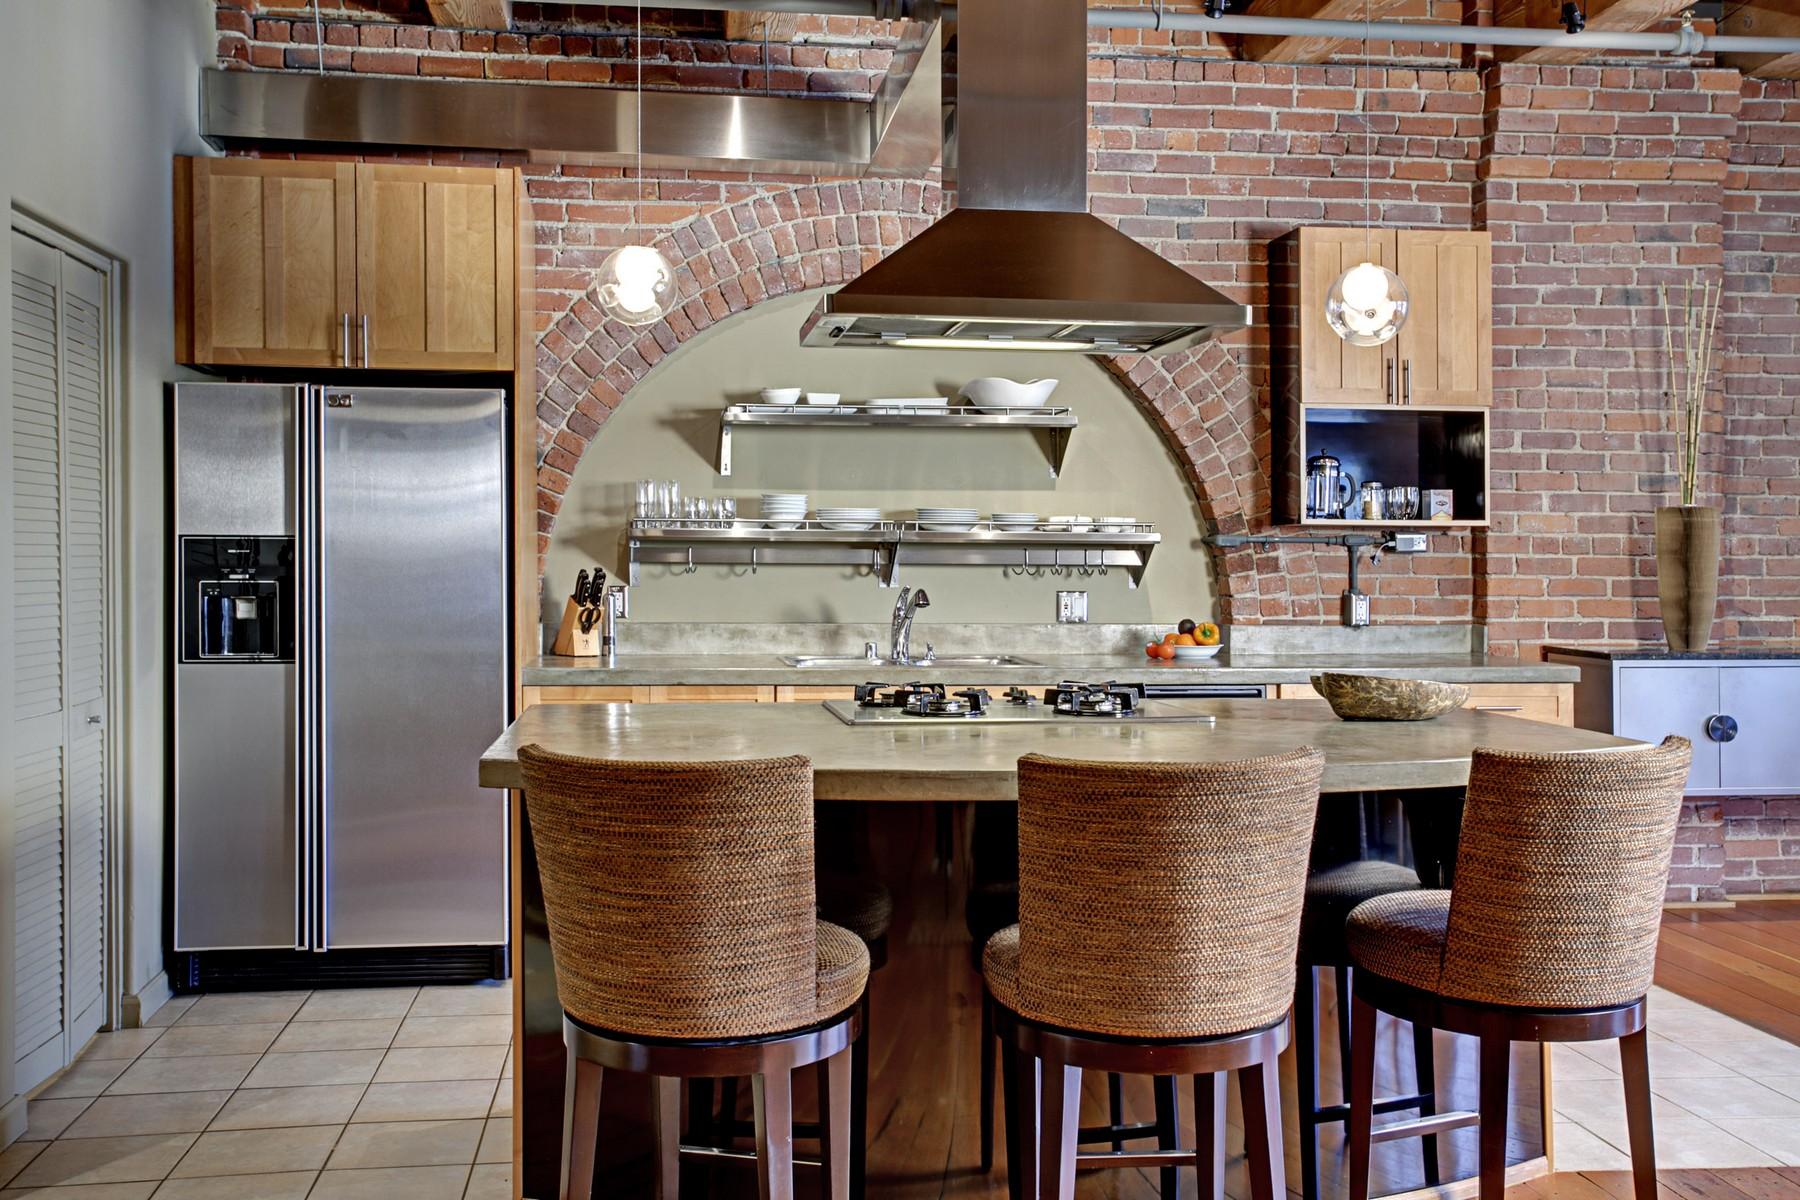 9 Kitchen01.jpg